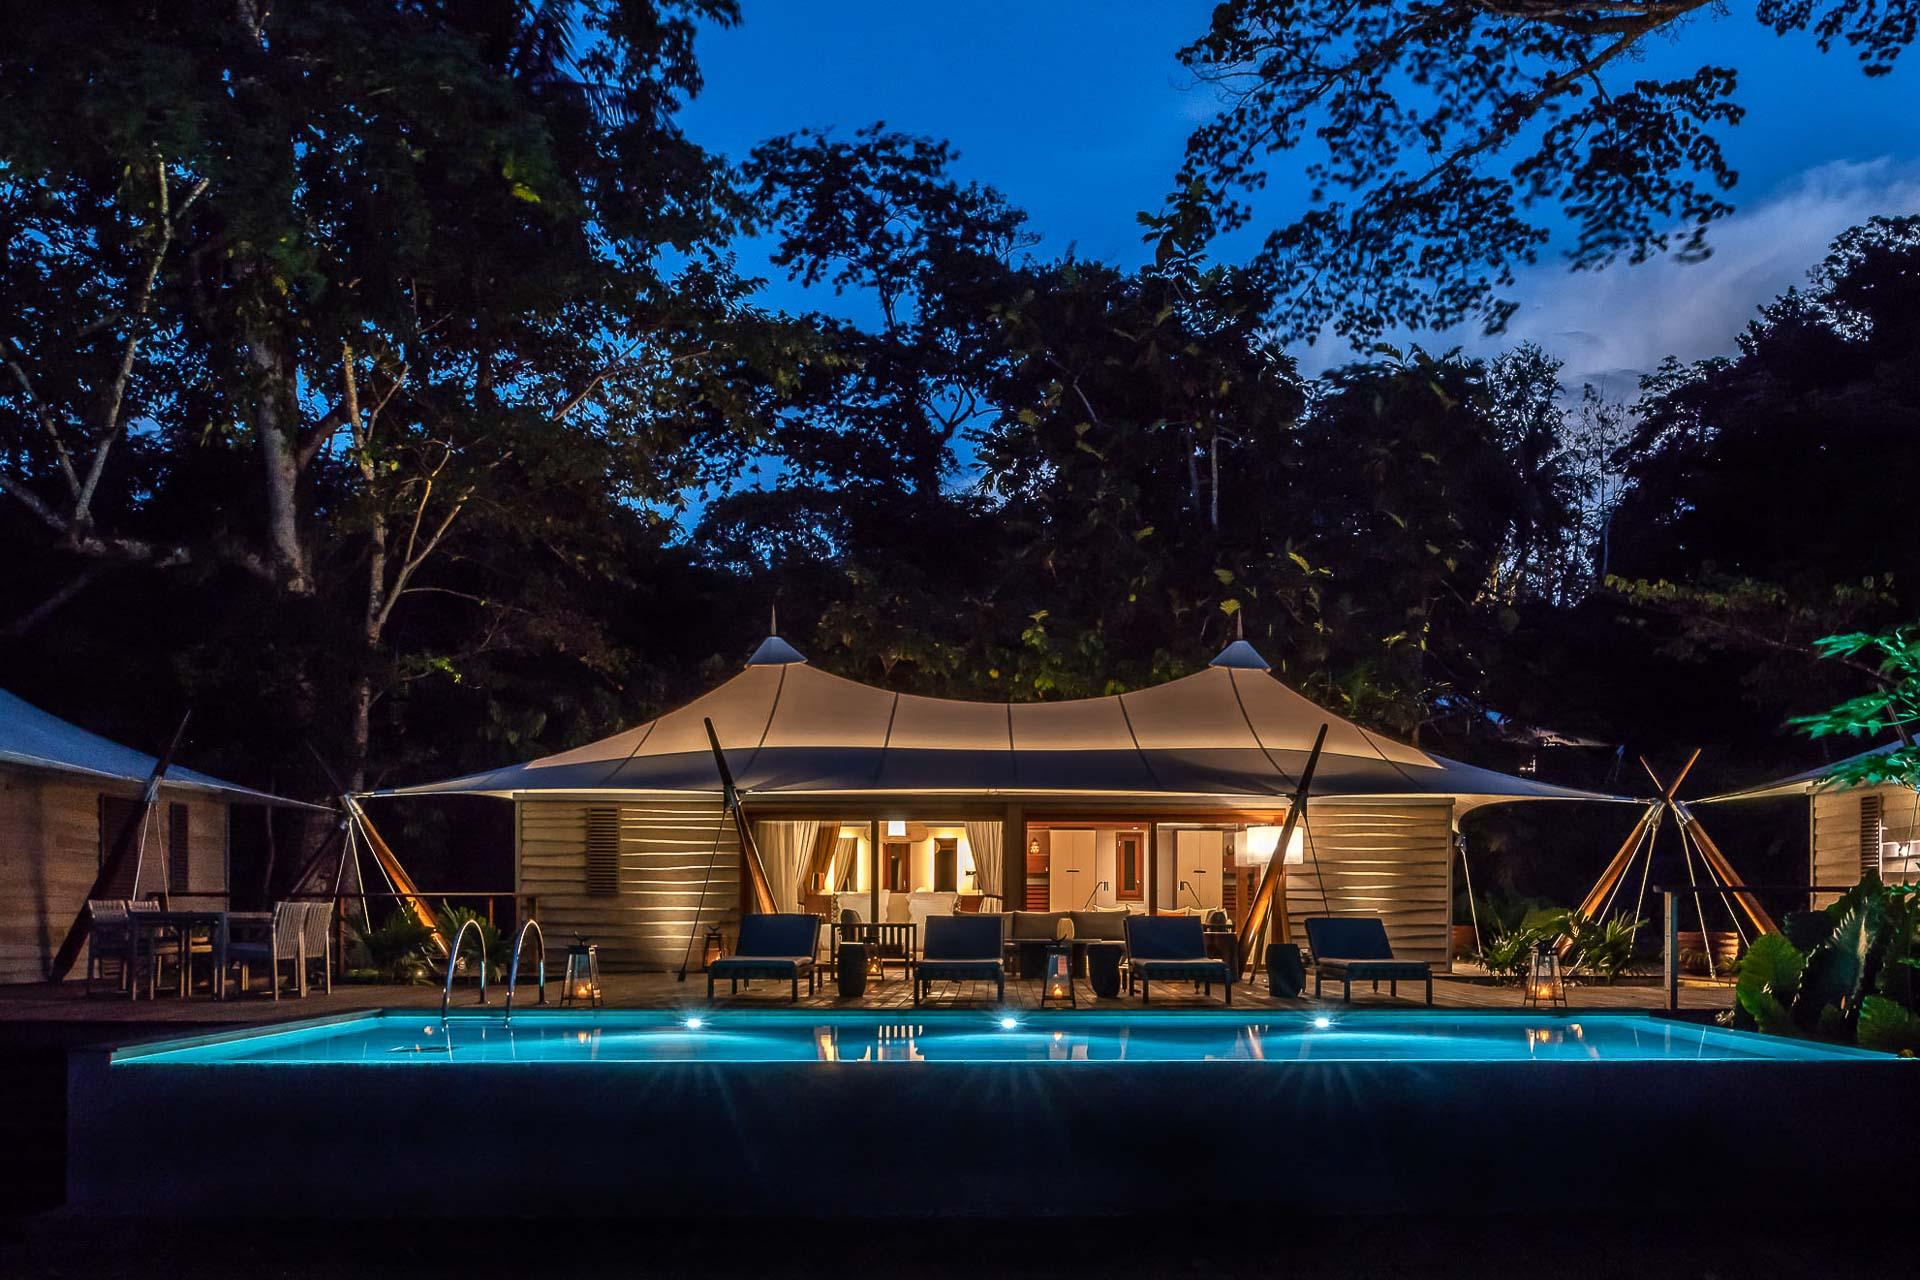 De jour comme de nuit, une piscine bleu azur toute en longueur où se prélasser à l'abri des regards